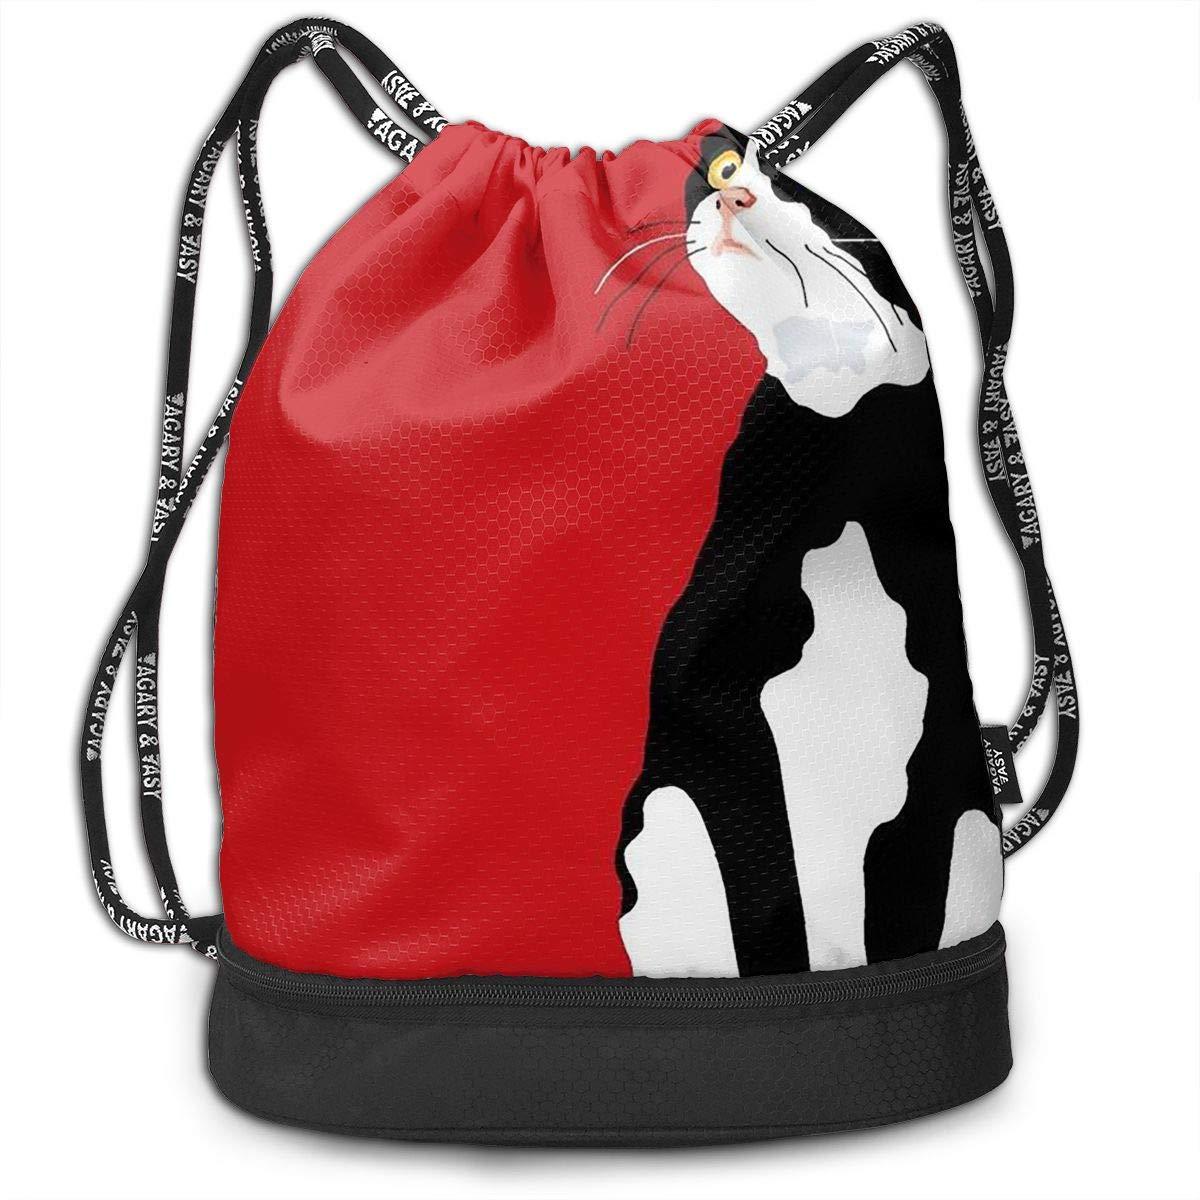 HUOPR5Q Colorful Fruit Drawstring Backpack Sport Gym Sack Shoulder Bulk Bag Dance Bag for School Travel